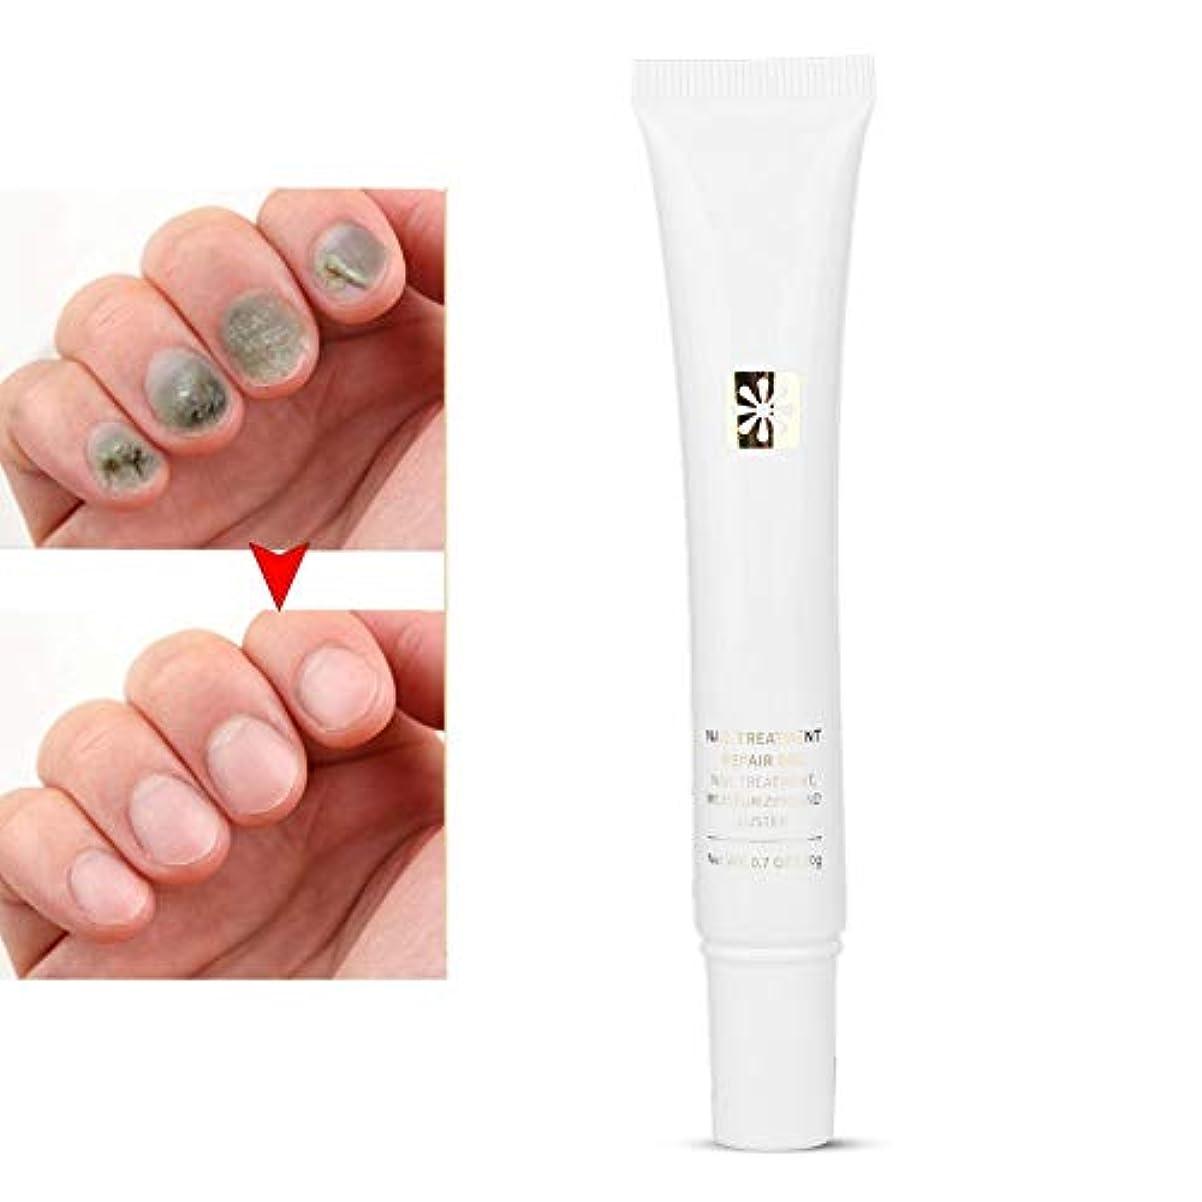 算術混乱傾向があるネイルケアクリーム、20g爪の補修霜の足のりのなめらかなダメージを受けた爪の回復に効果的です